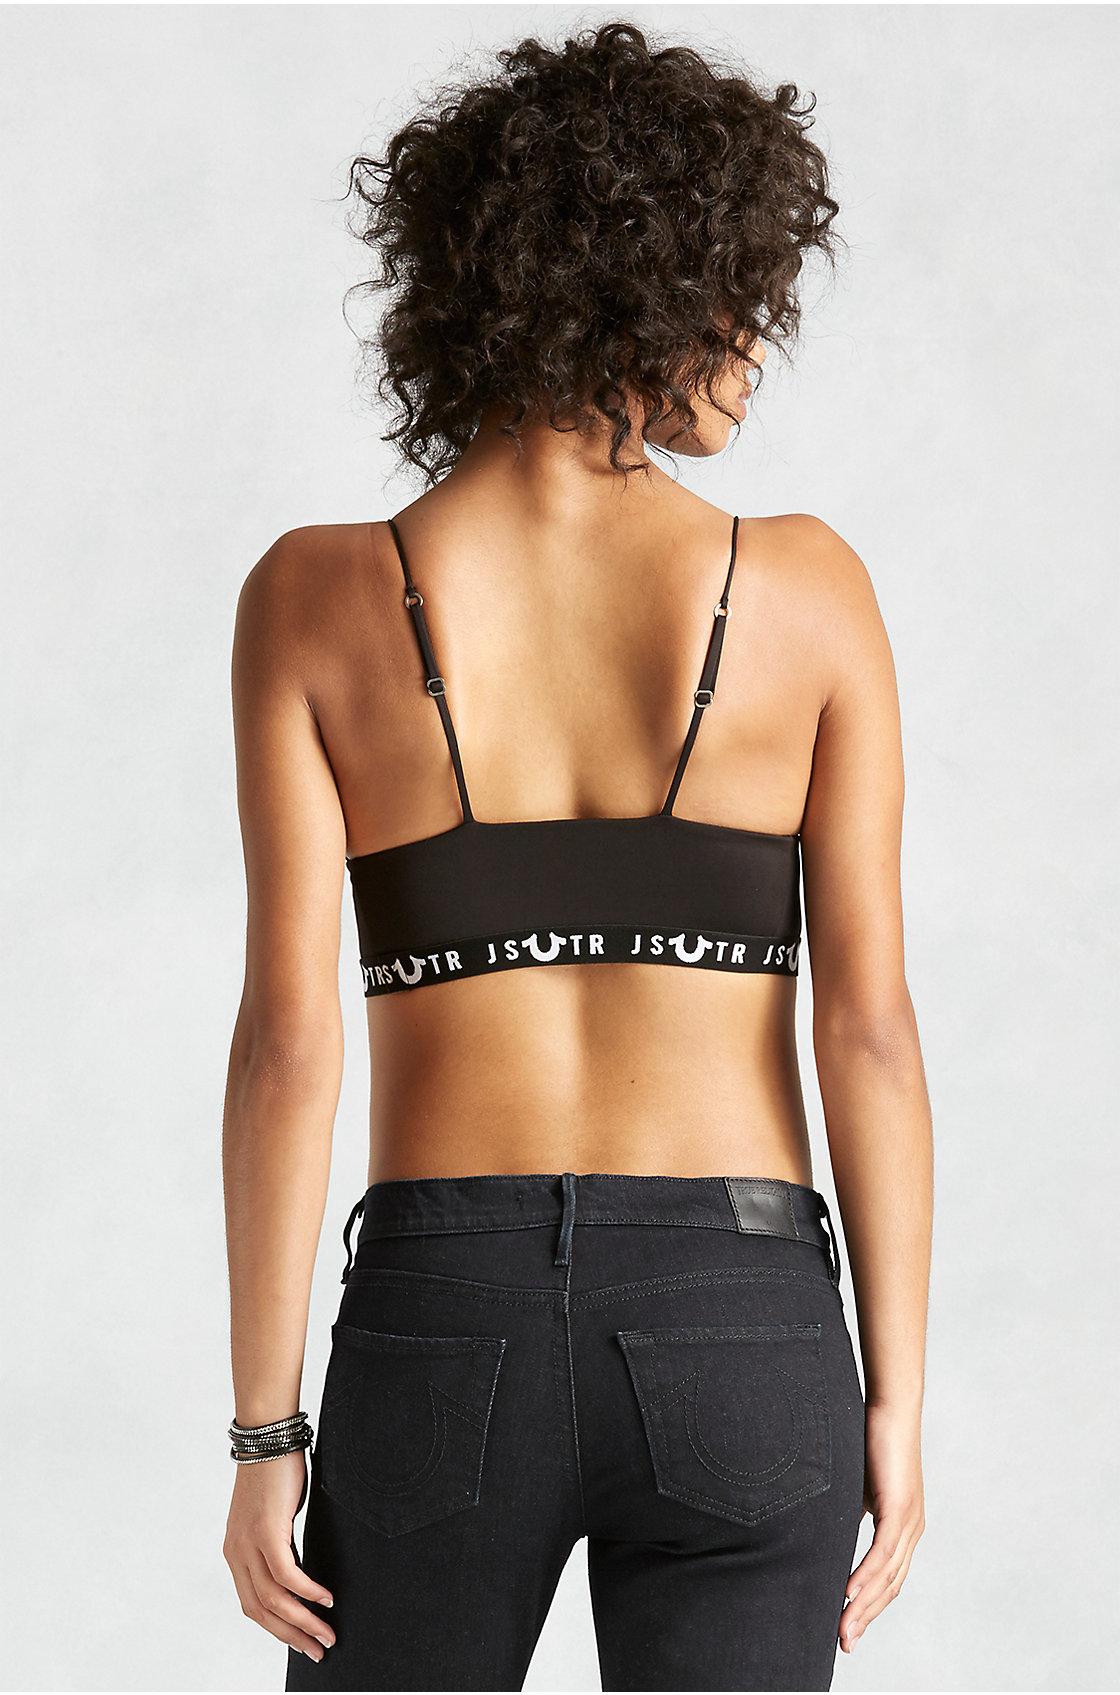 bb4f4b837fa79 Lyst - True Religion Joan Smalls X Undercover Bralette - Black in Black